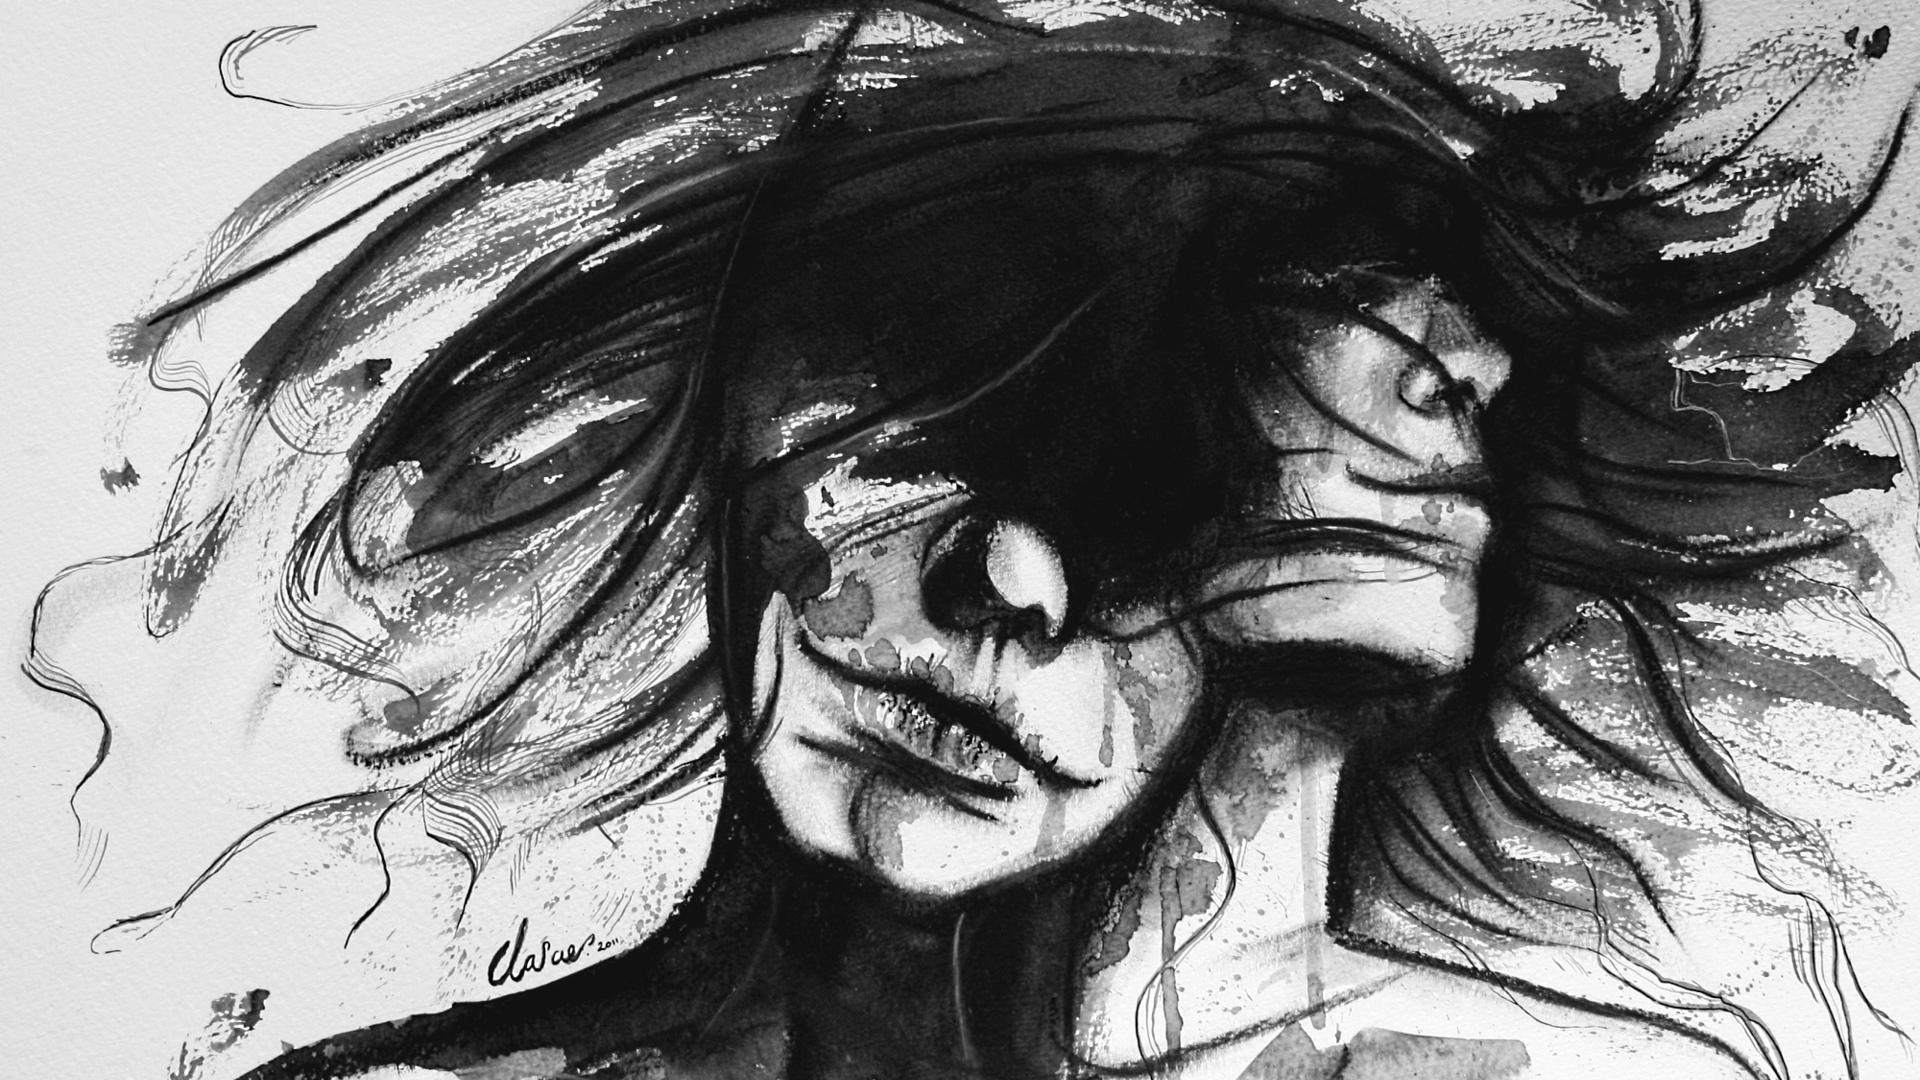 Психоделики изменили активность мозга при депрессии